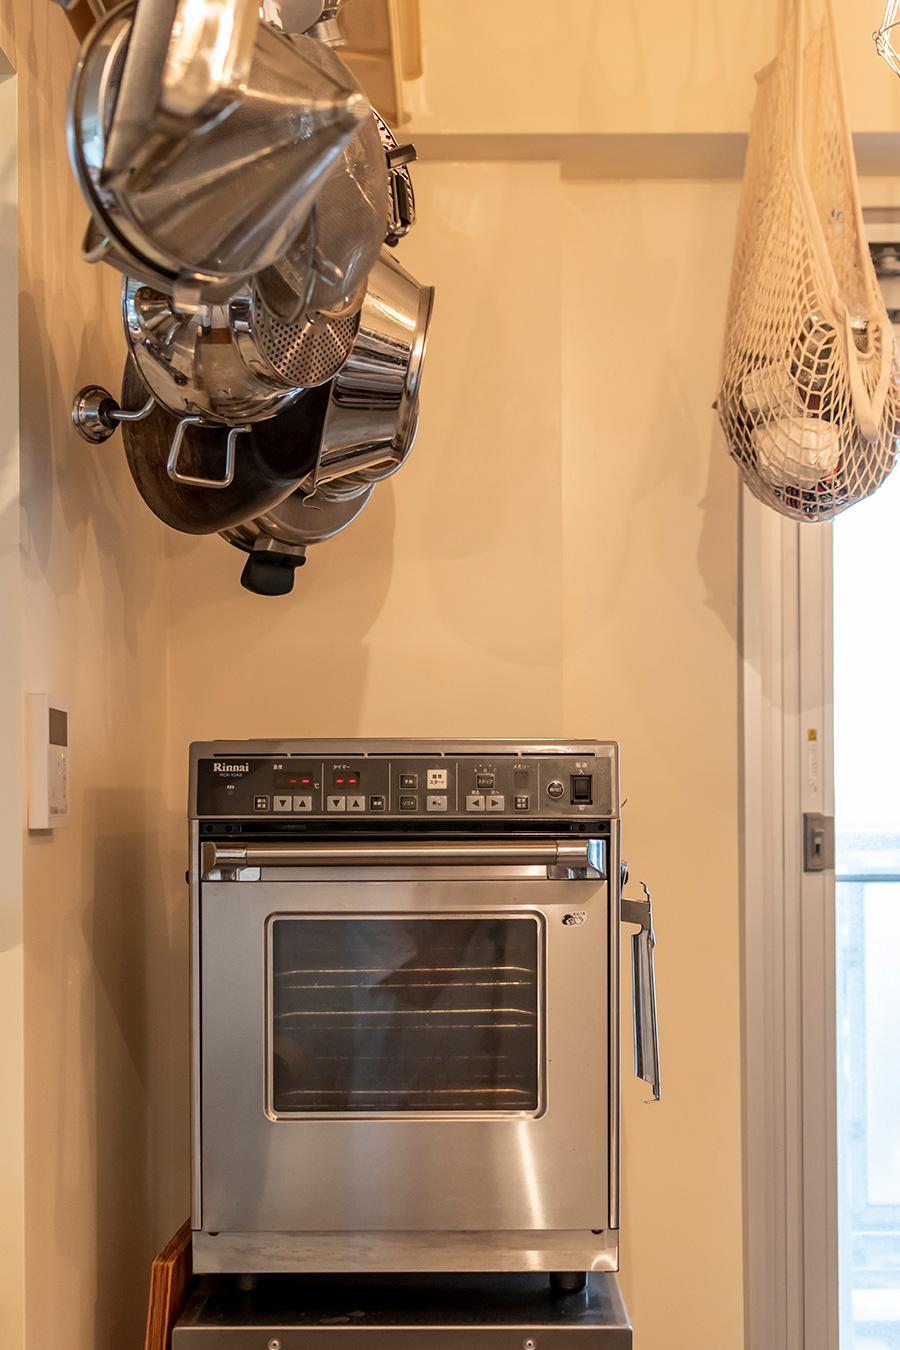 「リンナイ」の卓上用ガス高速オーブン。